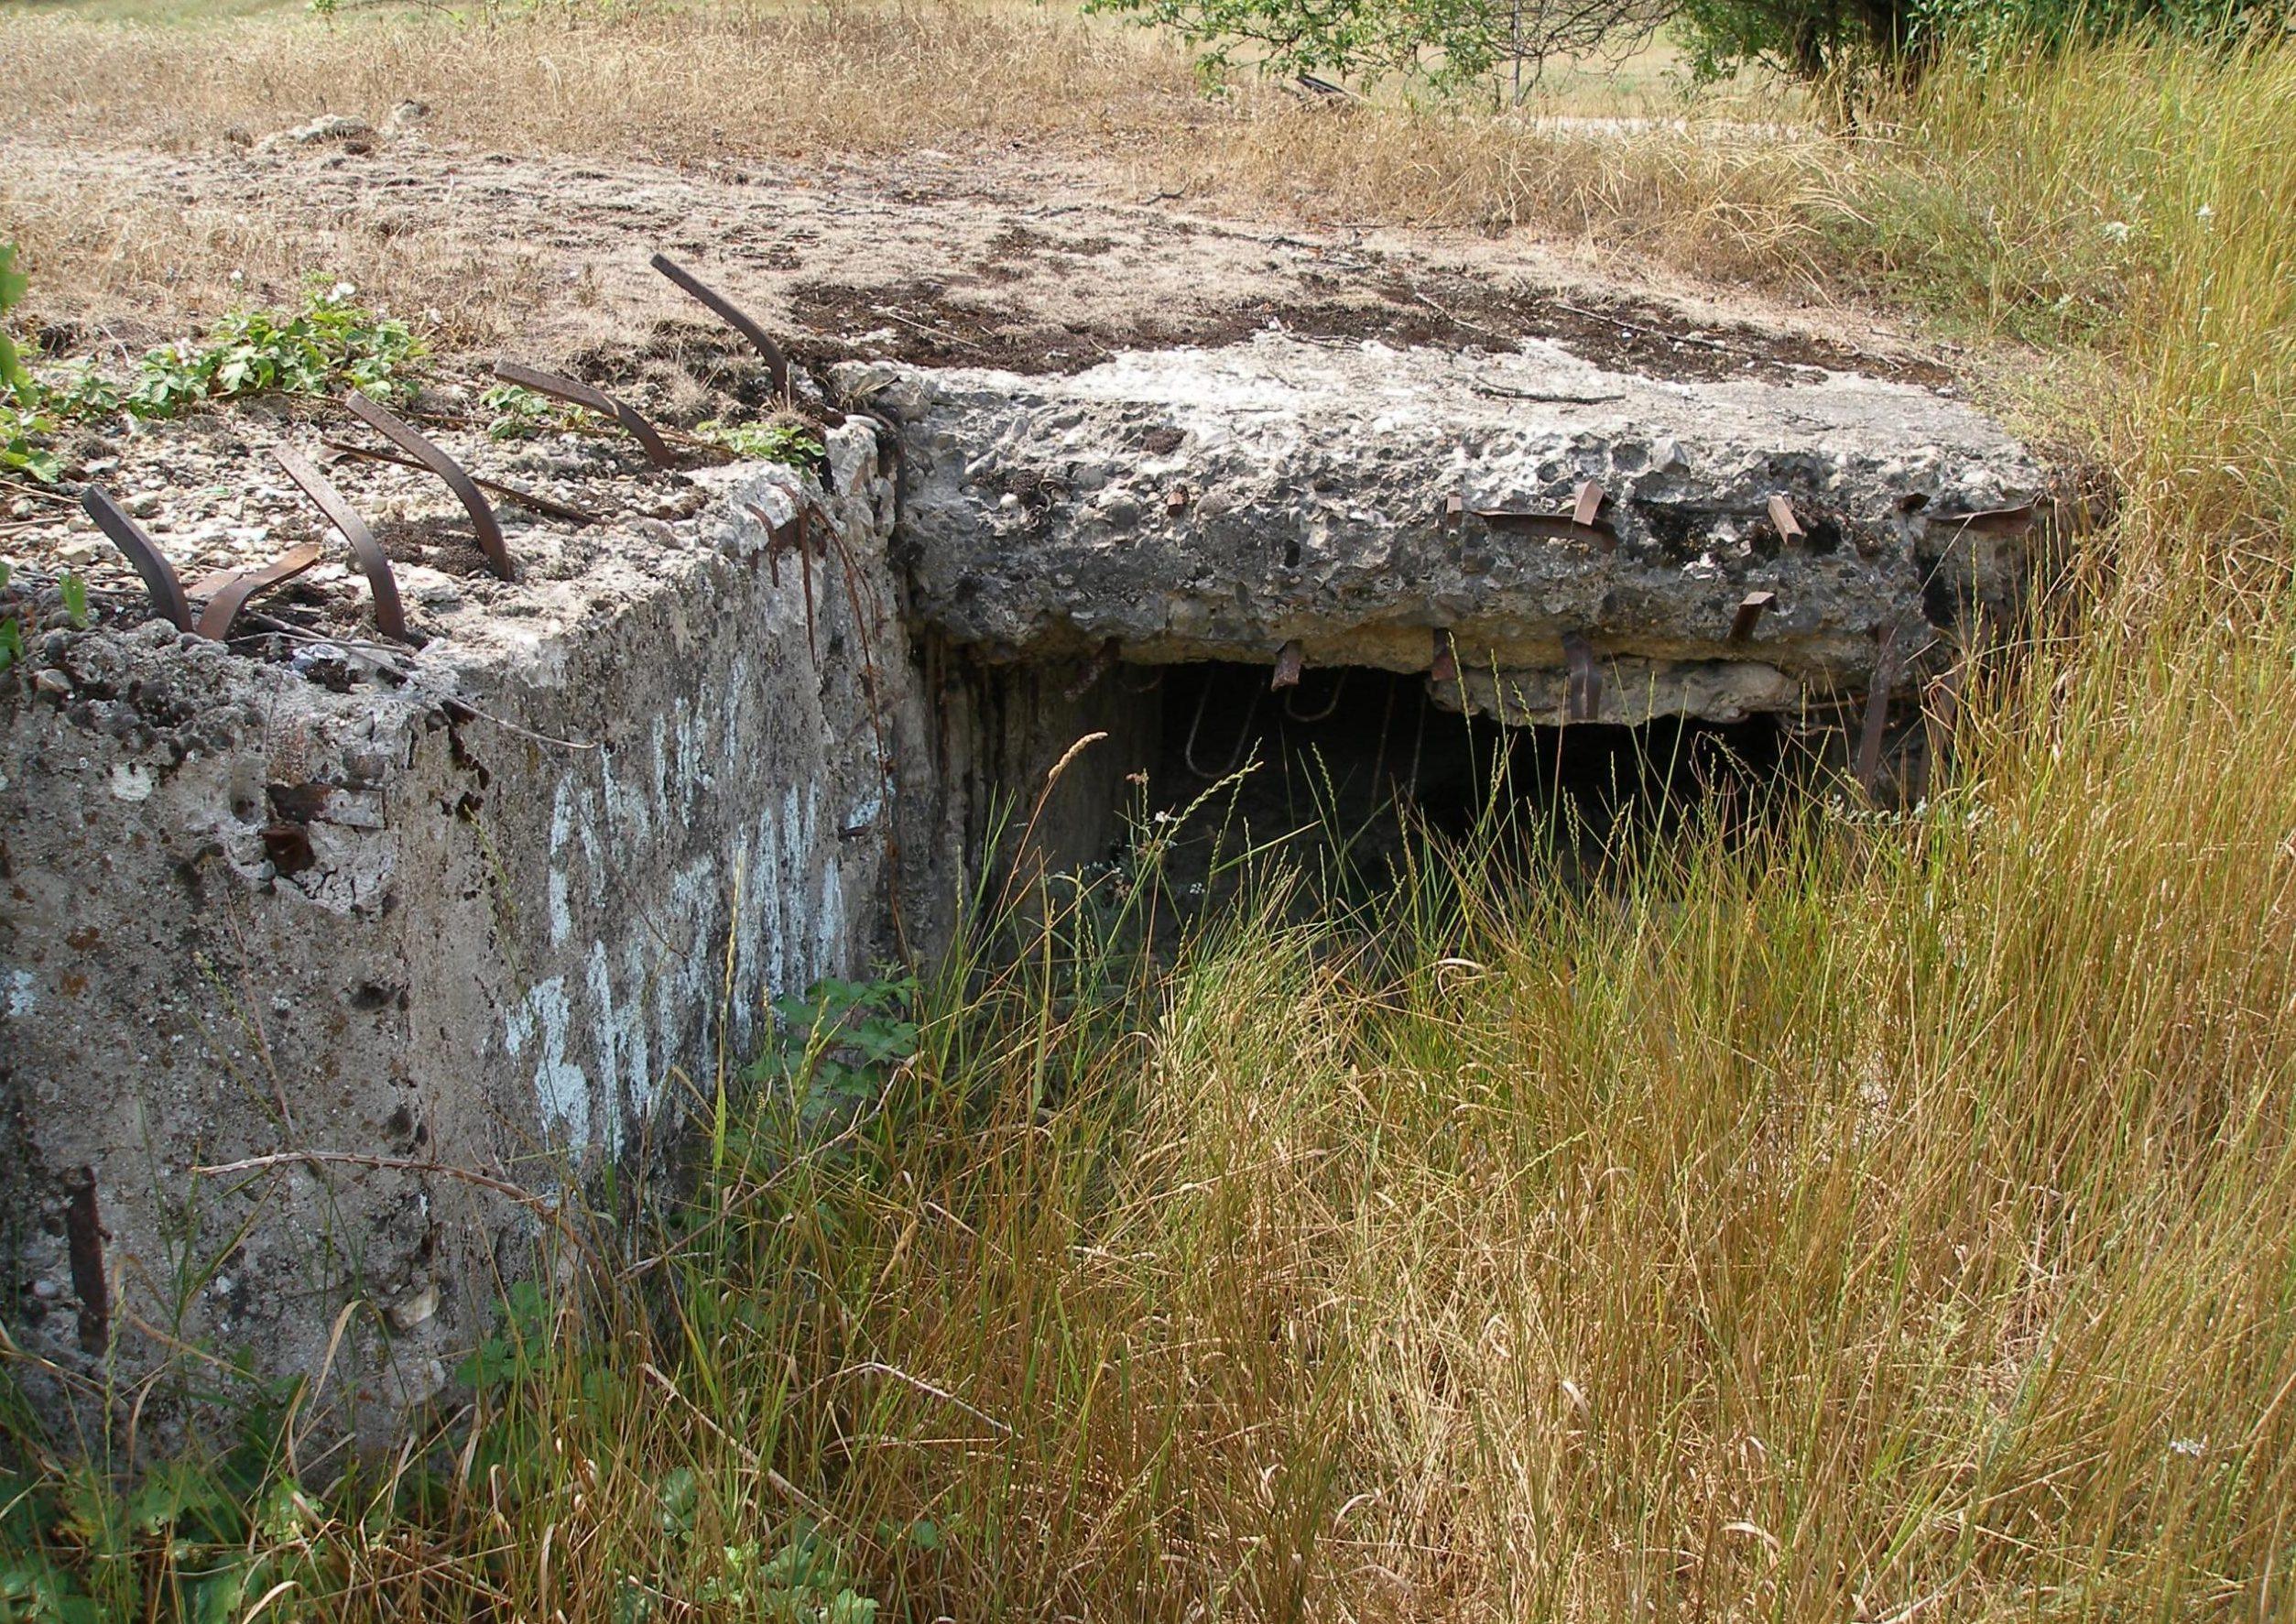 Артиллерийский ДОТ №56 у села Верхнесадовое под 100-мм орудие Б-24-БМ.